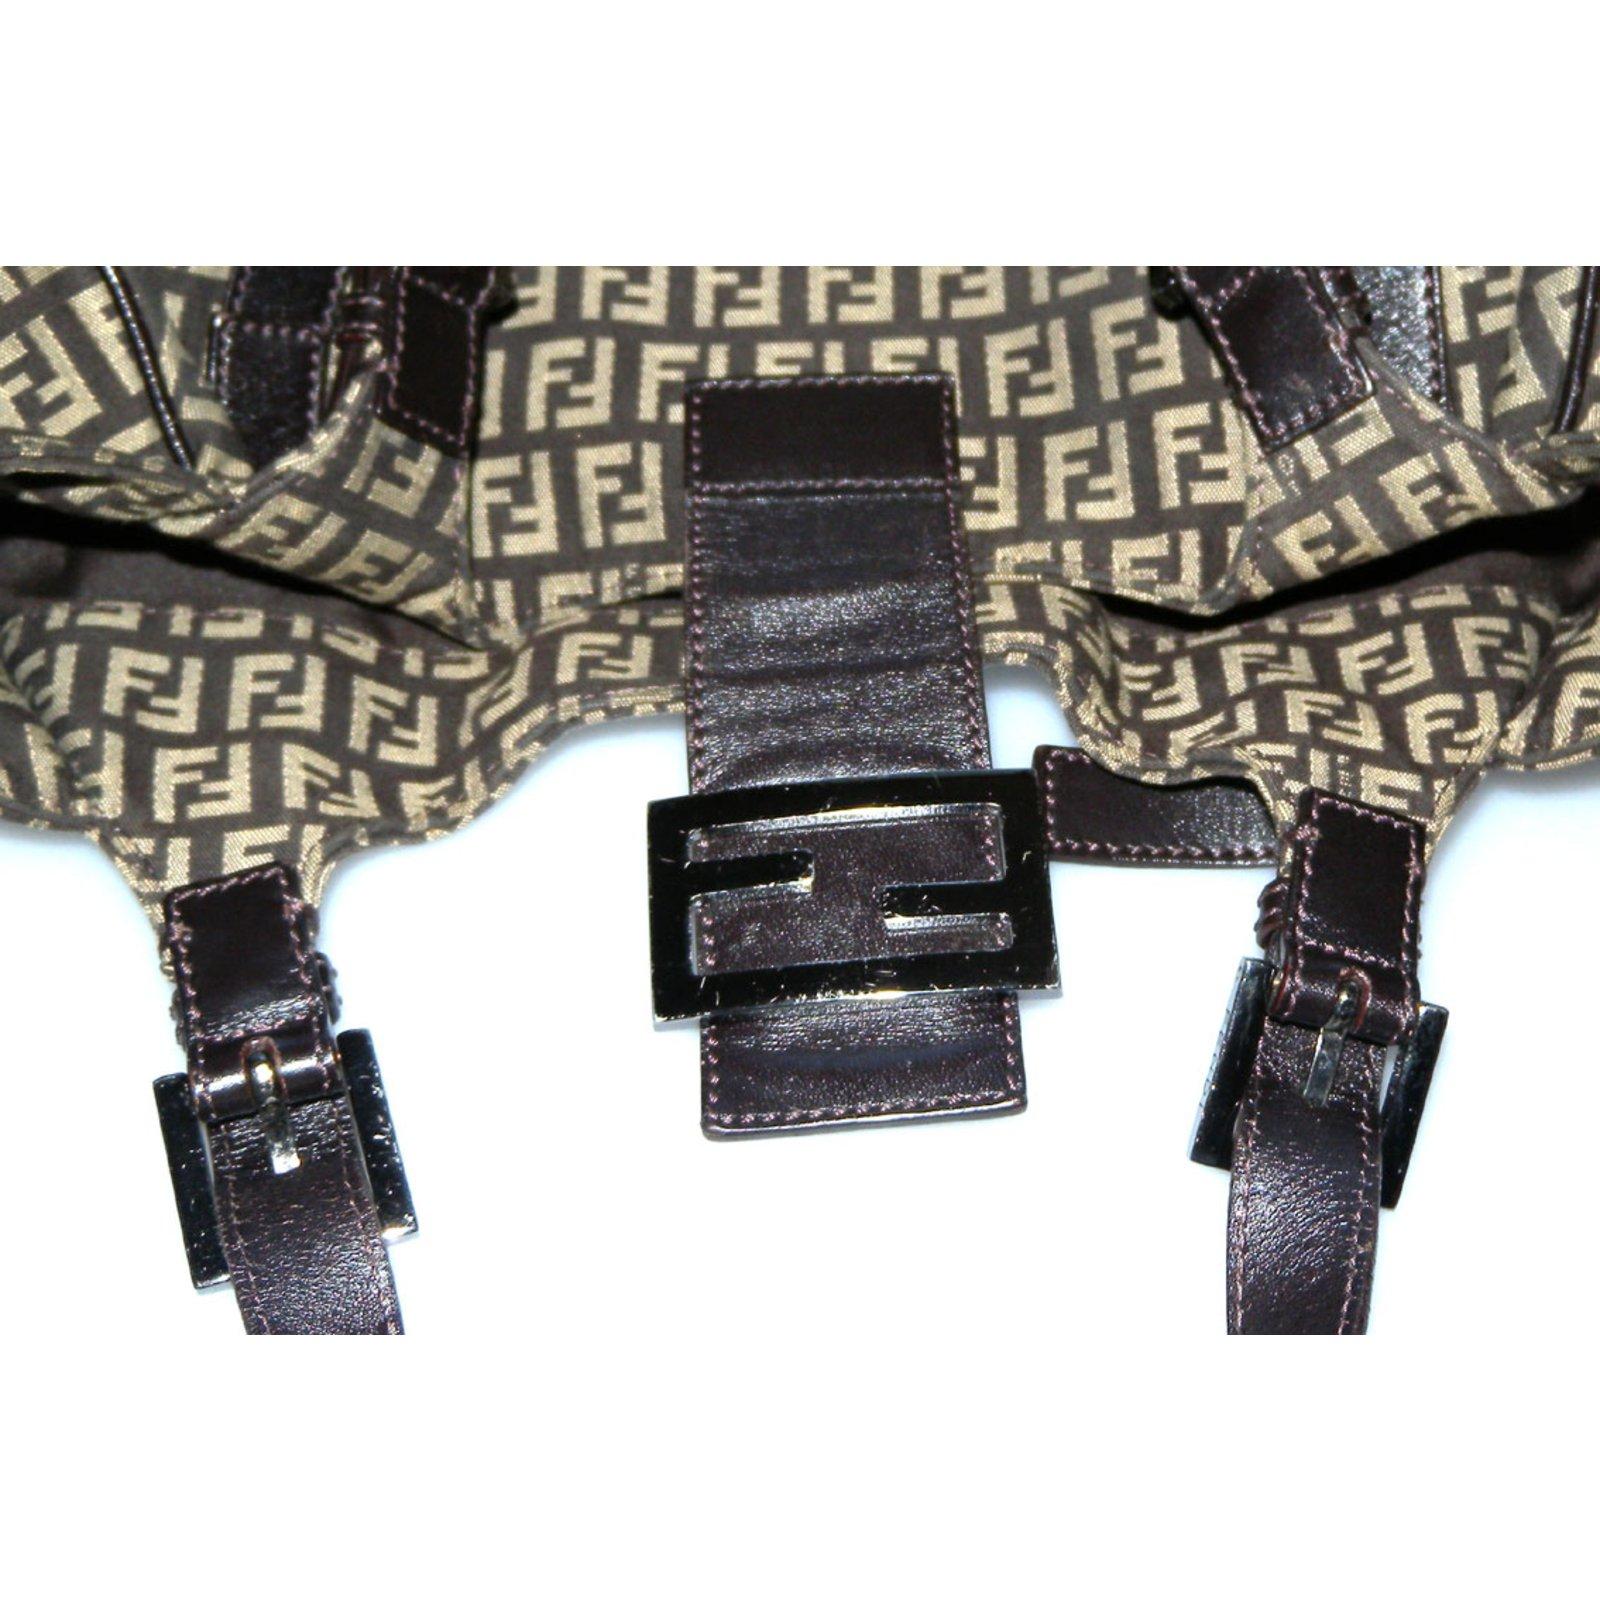 6b77abb867 Fendi Handbags Handbags Leather